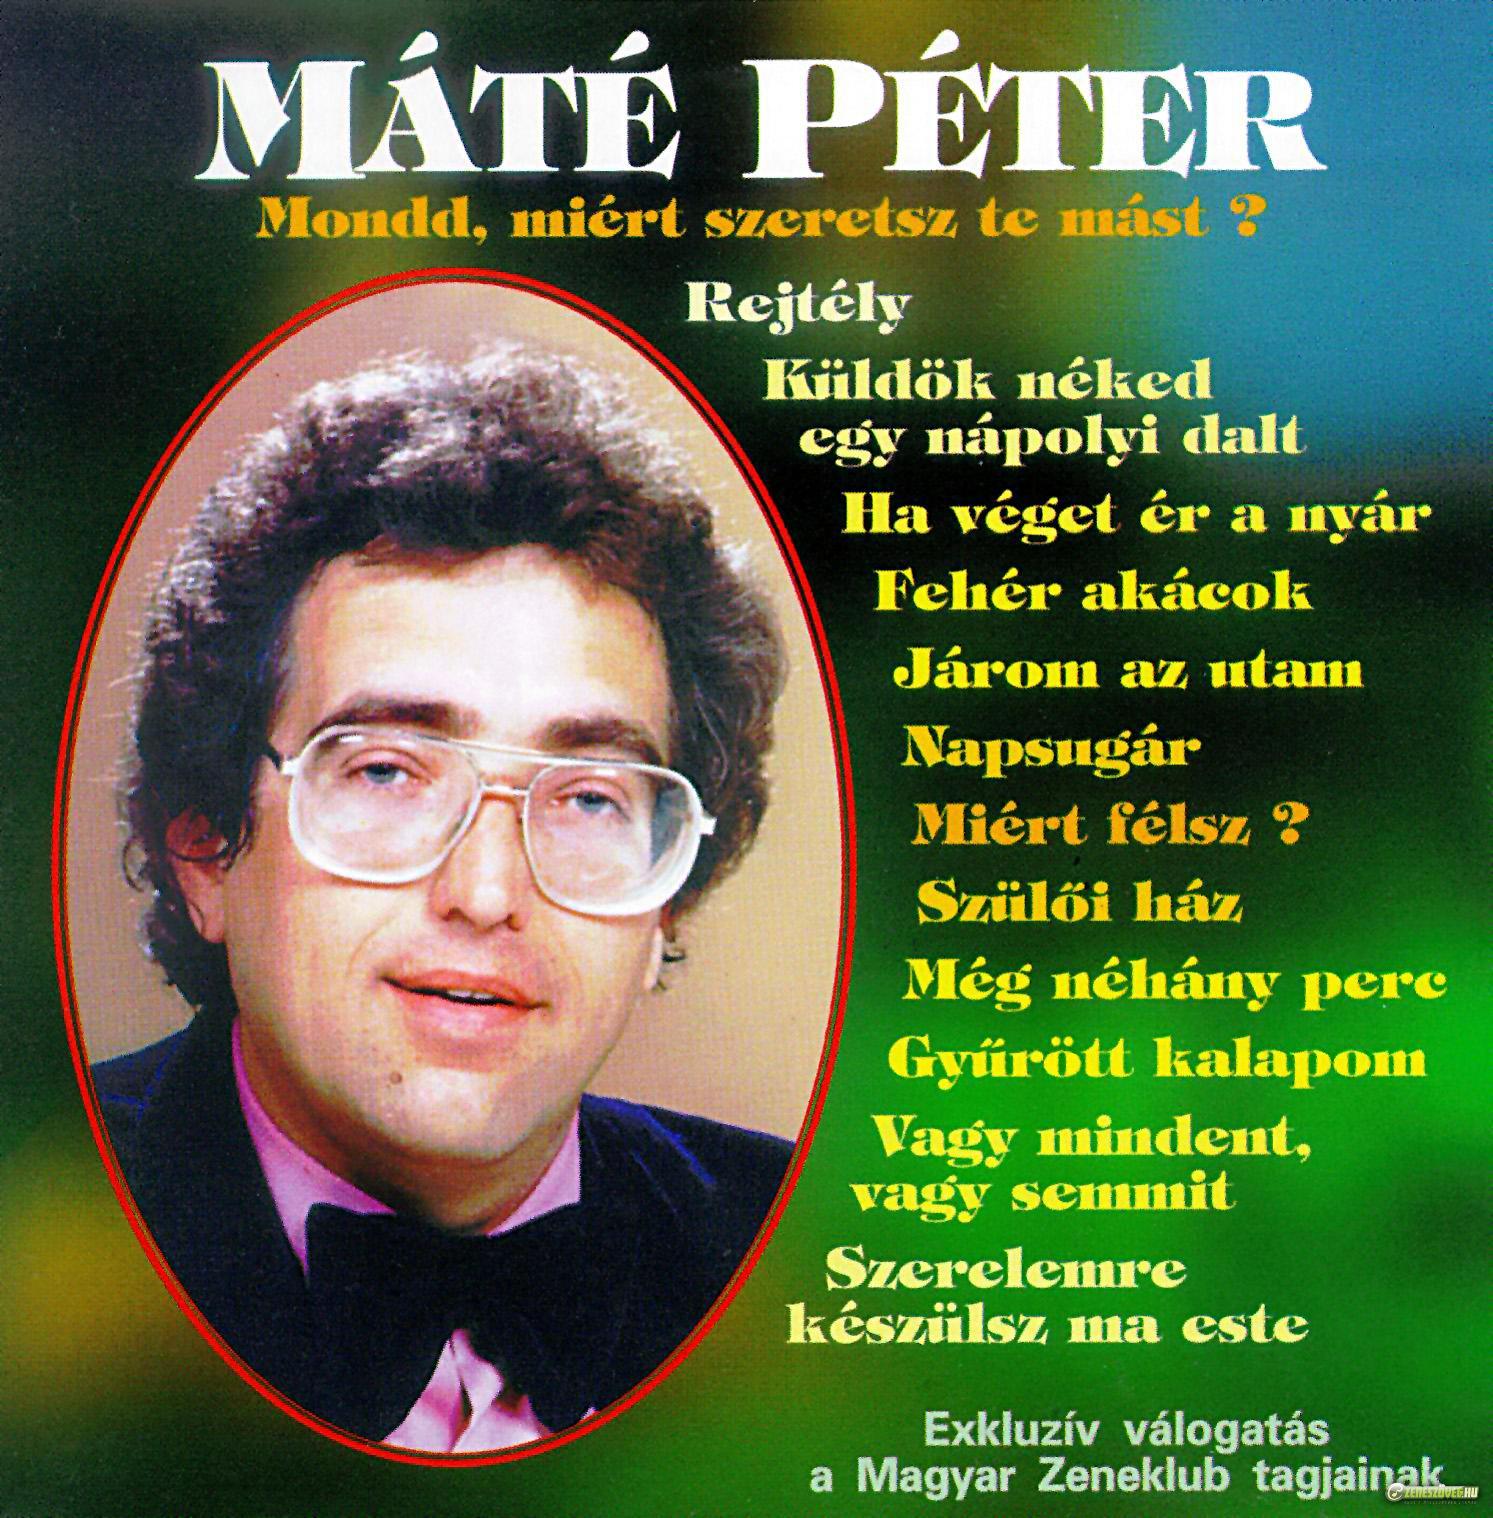 Máté Péter Mondd, miért szeretsz te mást?